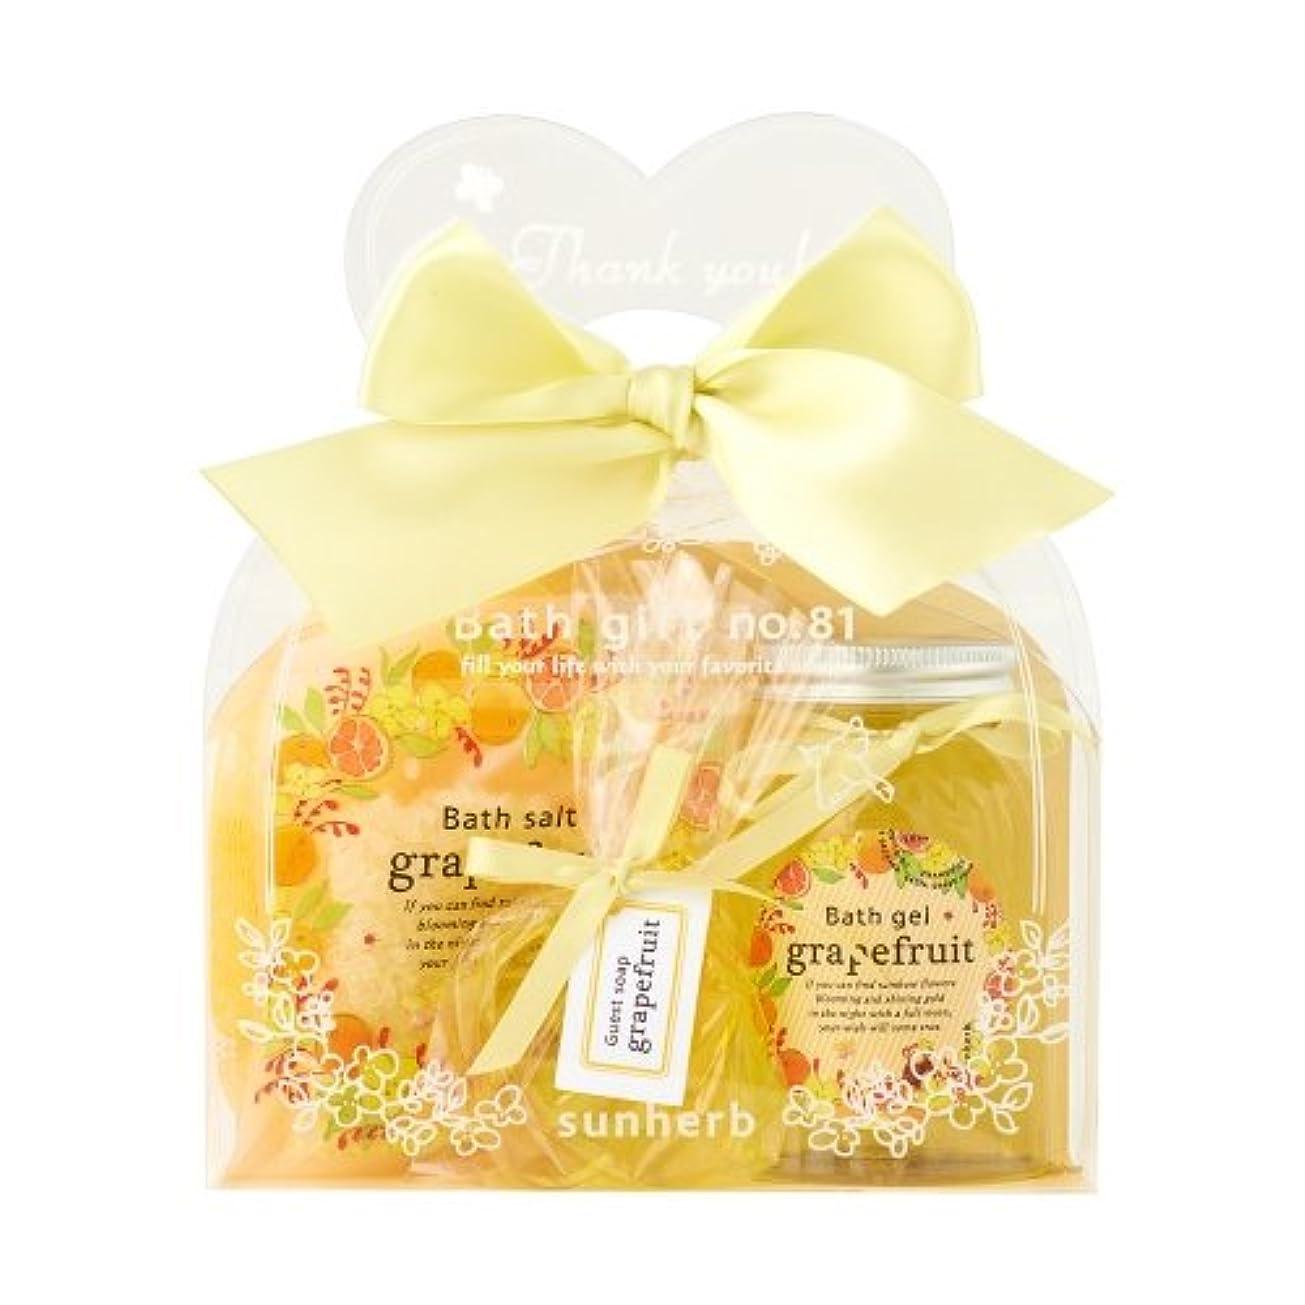 サンハーブ バスギフト No.81 グレープフルーツ(バスジェルとバスアイテムが入ったリボン付きのバスセット シャキっとまぶしい柑橘系の香り)